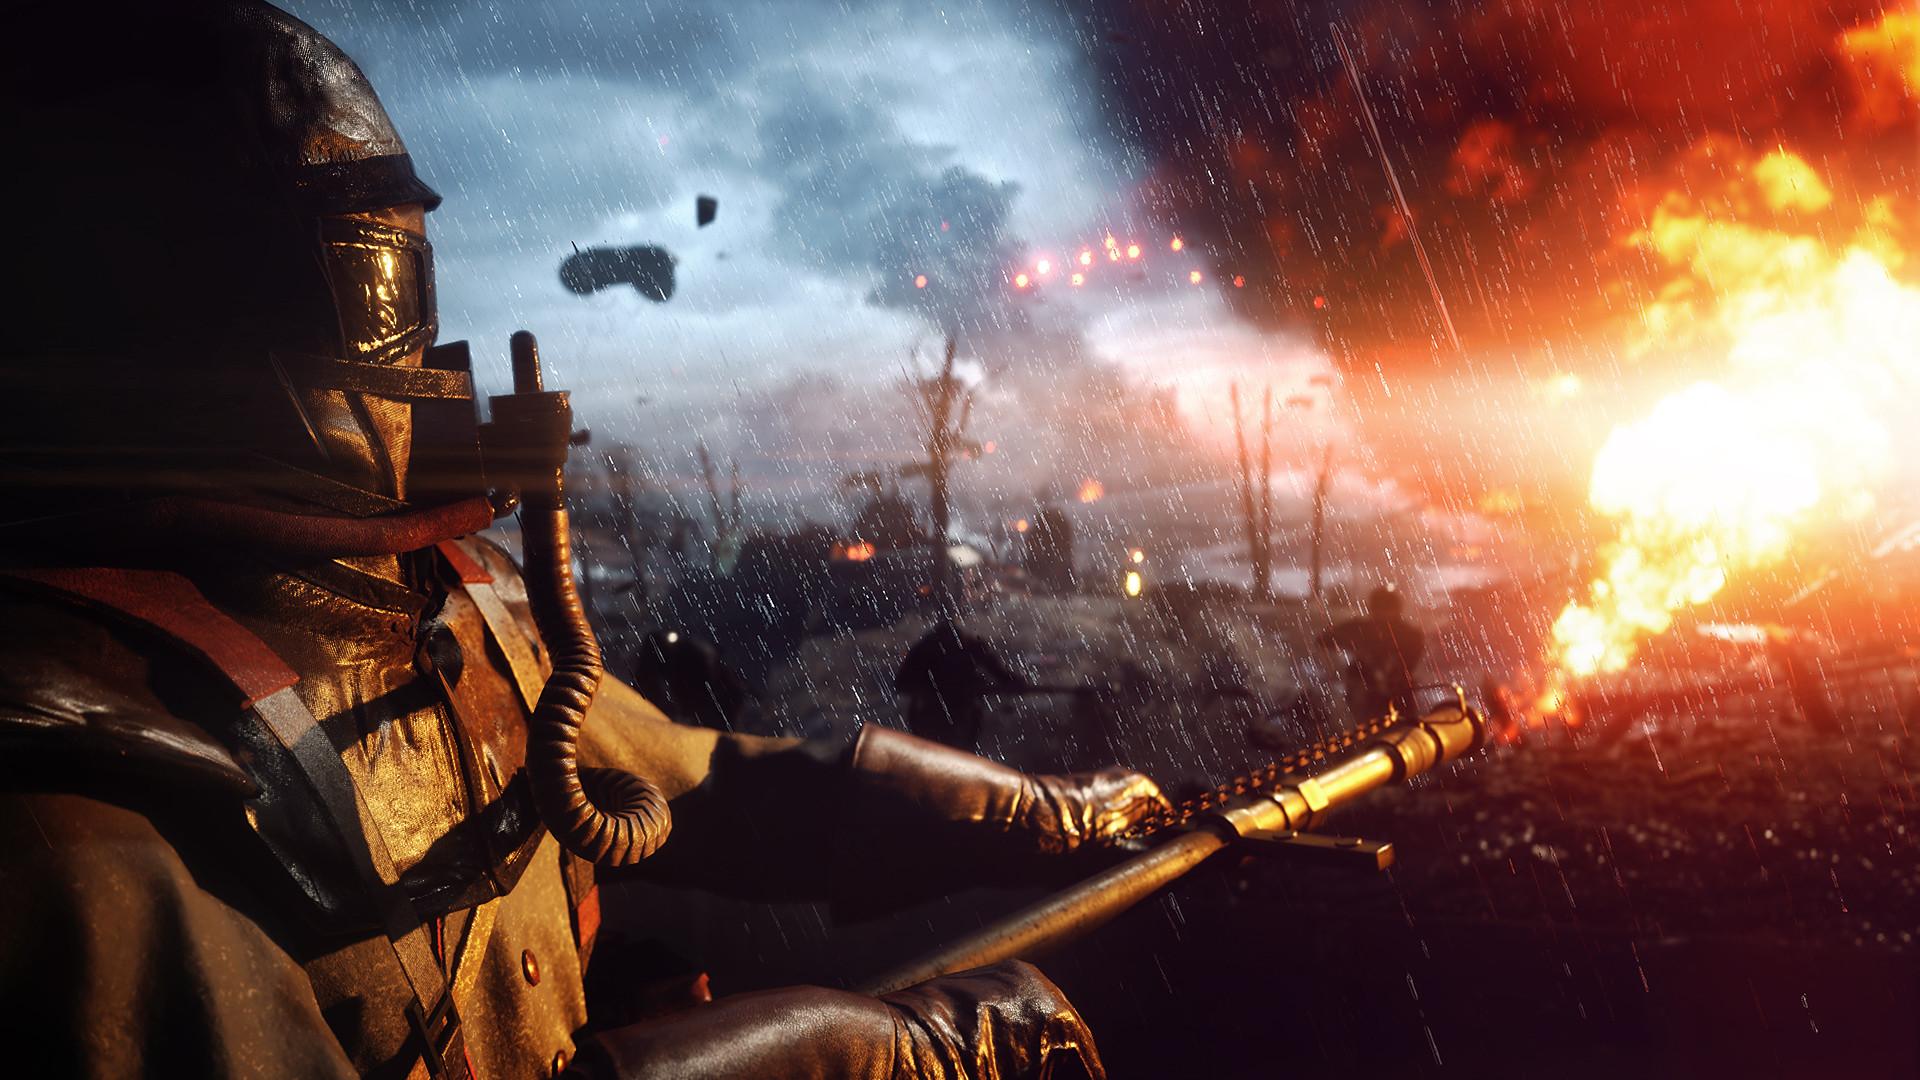 В сети появилось видео Battlefield 1 с применением технологии трассировки лучей